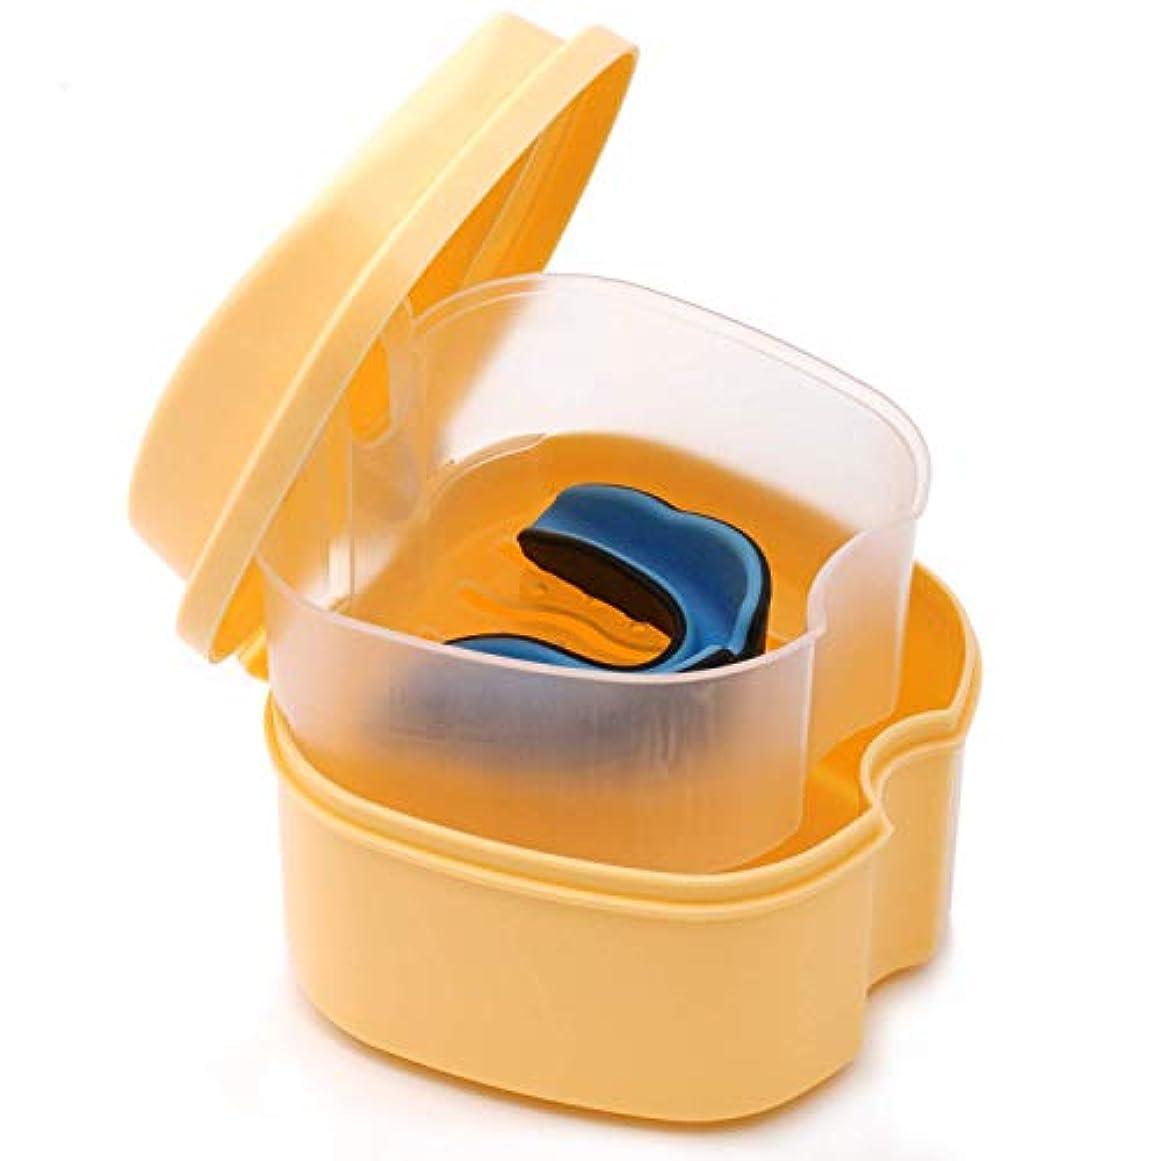 理容室混合出版CoiTek 入れ歯ケース 義歯ケース 携帯 家庭旅行用 ストレーナー付き オレンジ